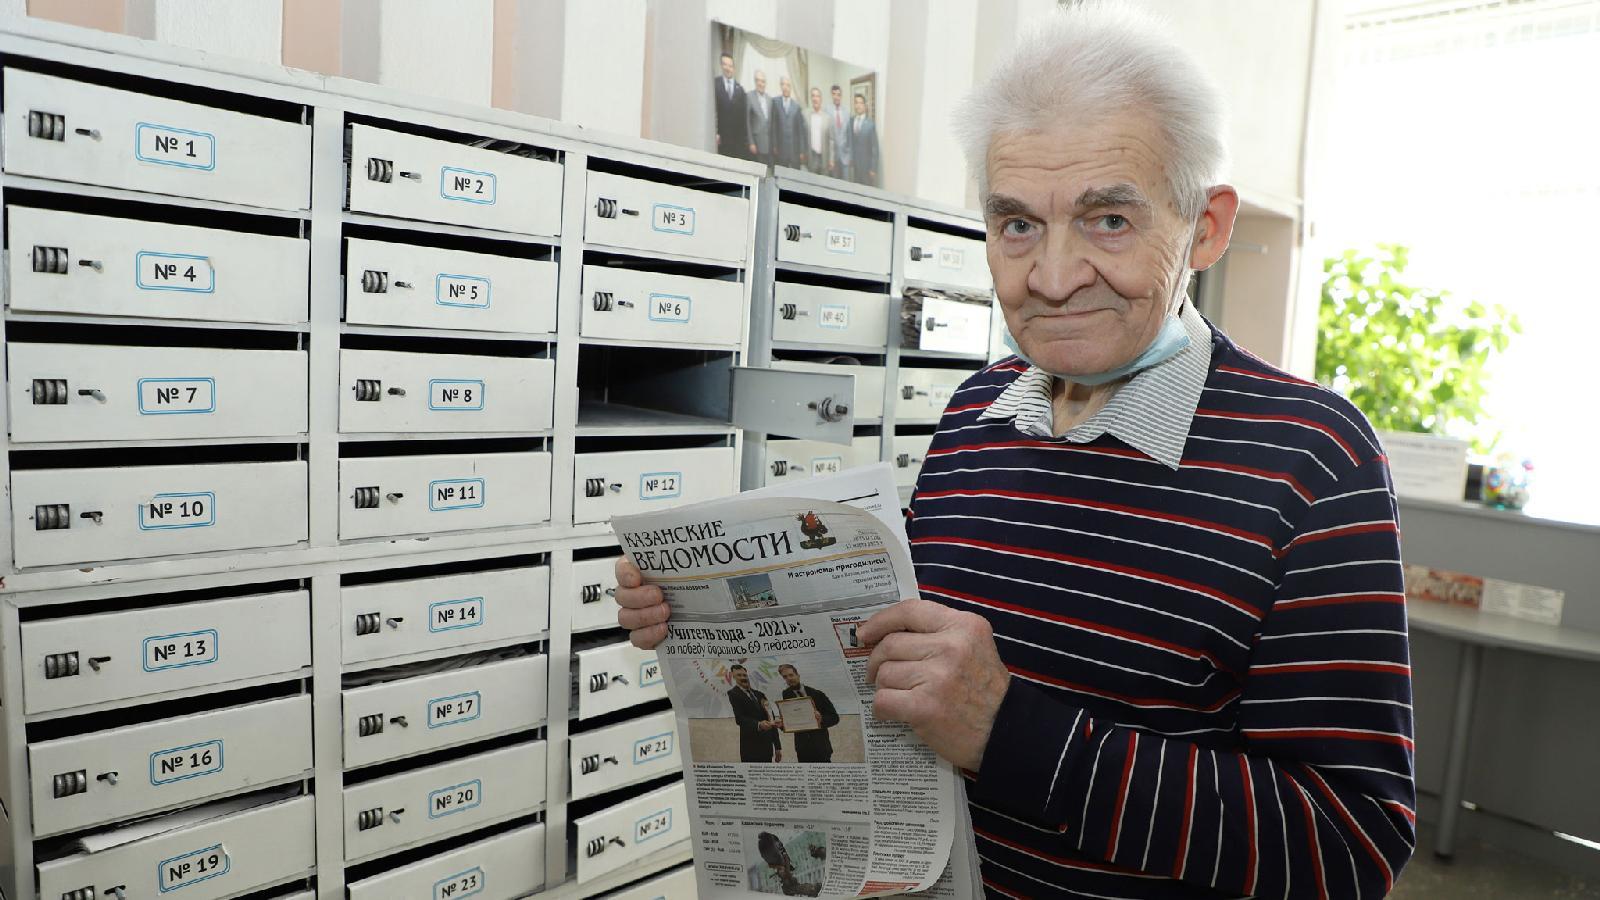 «Казанские ведомости» позиционируют себя как семейное издание: представители всех поколений могут найти в газете полезную для себя информацию